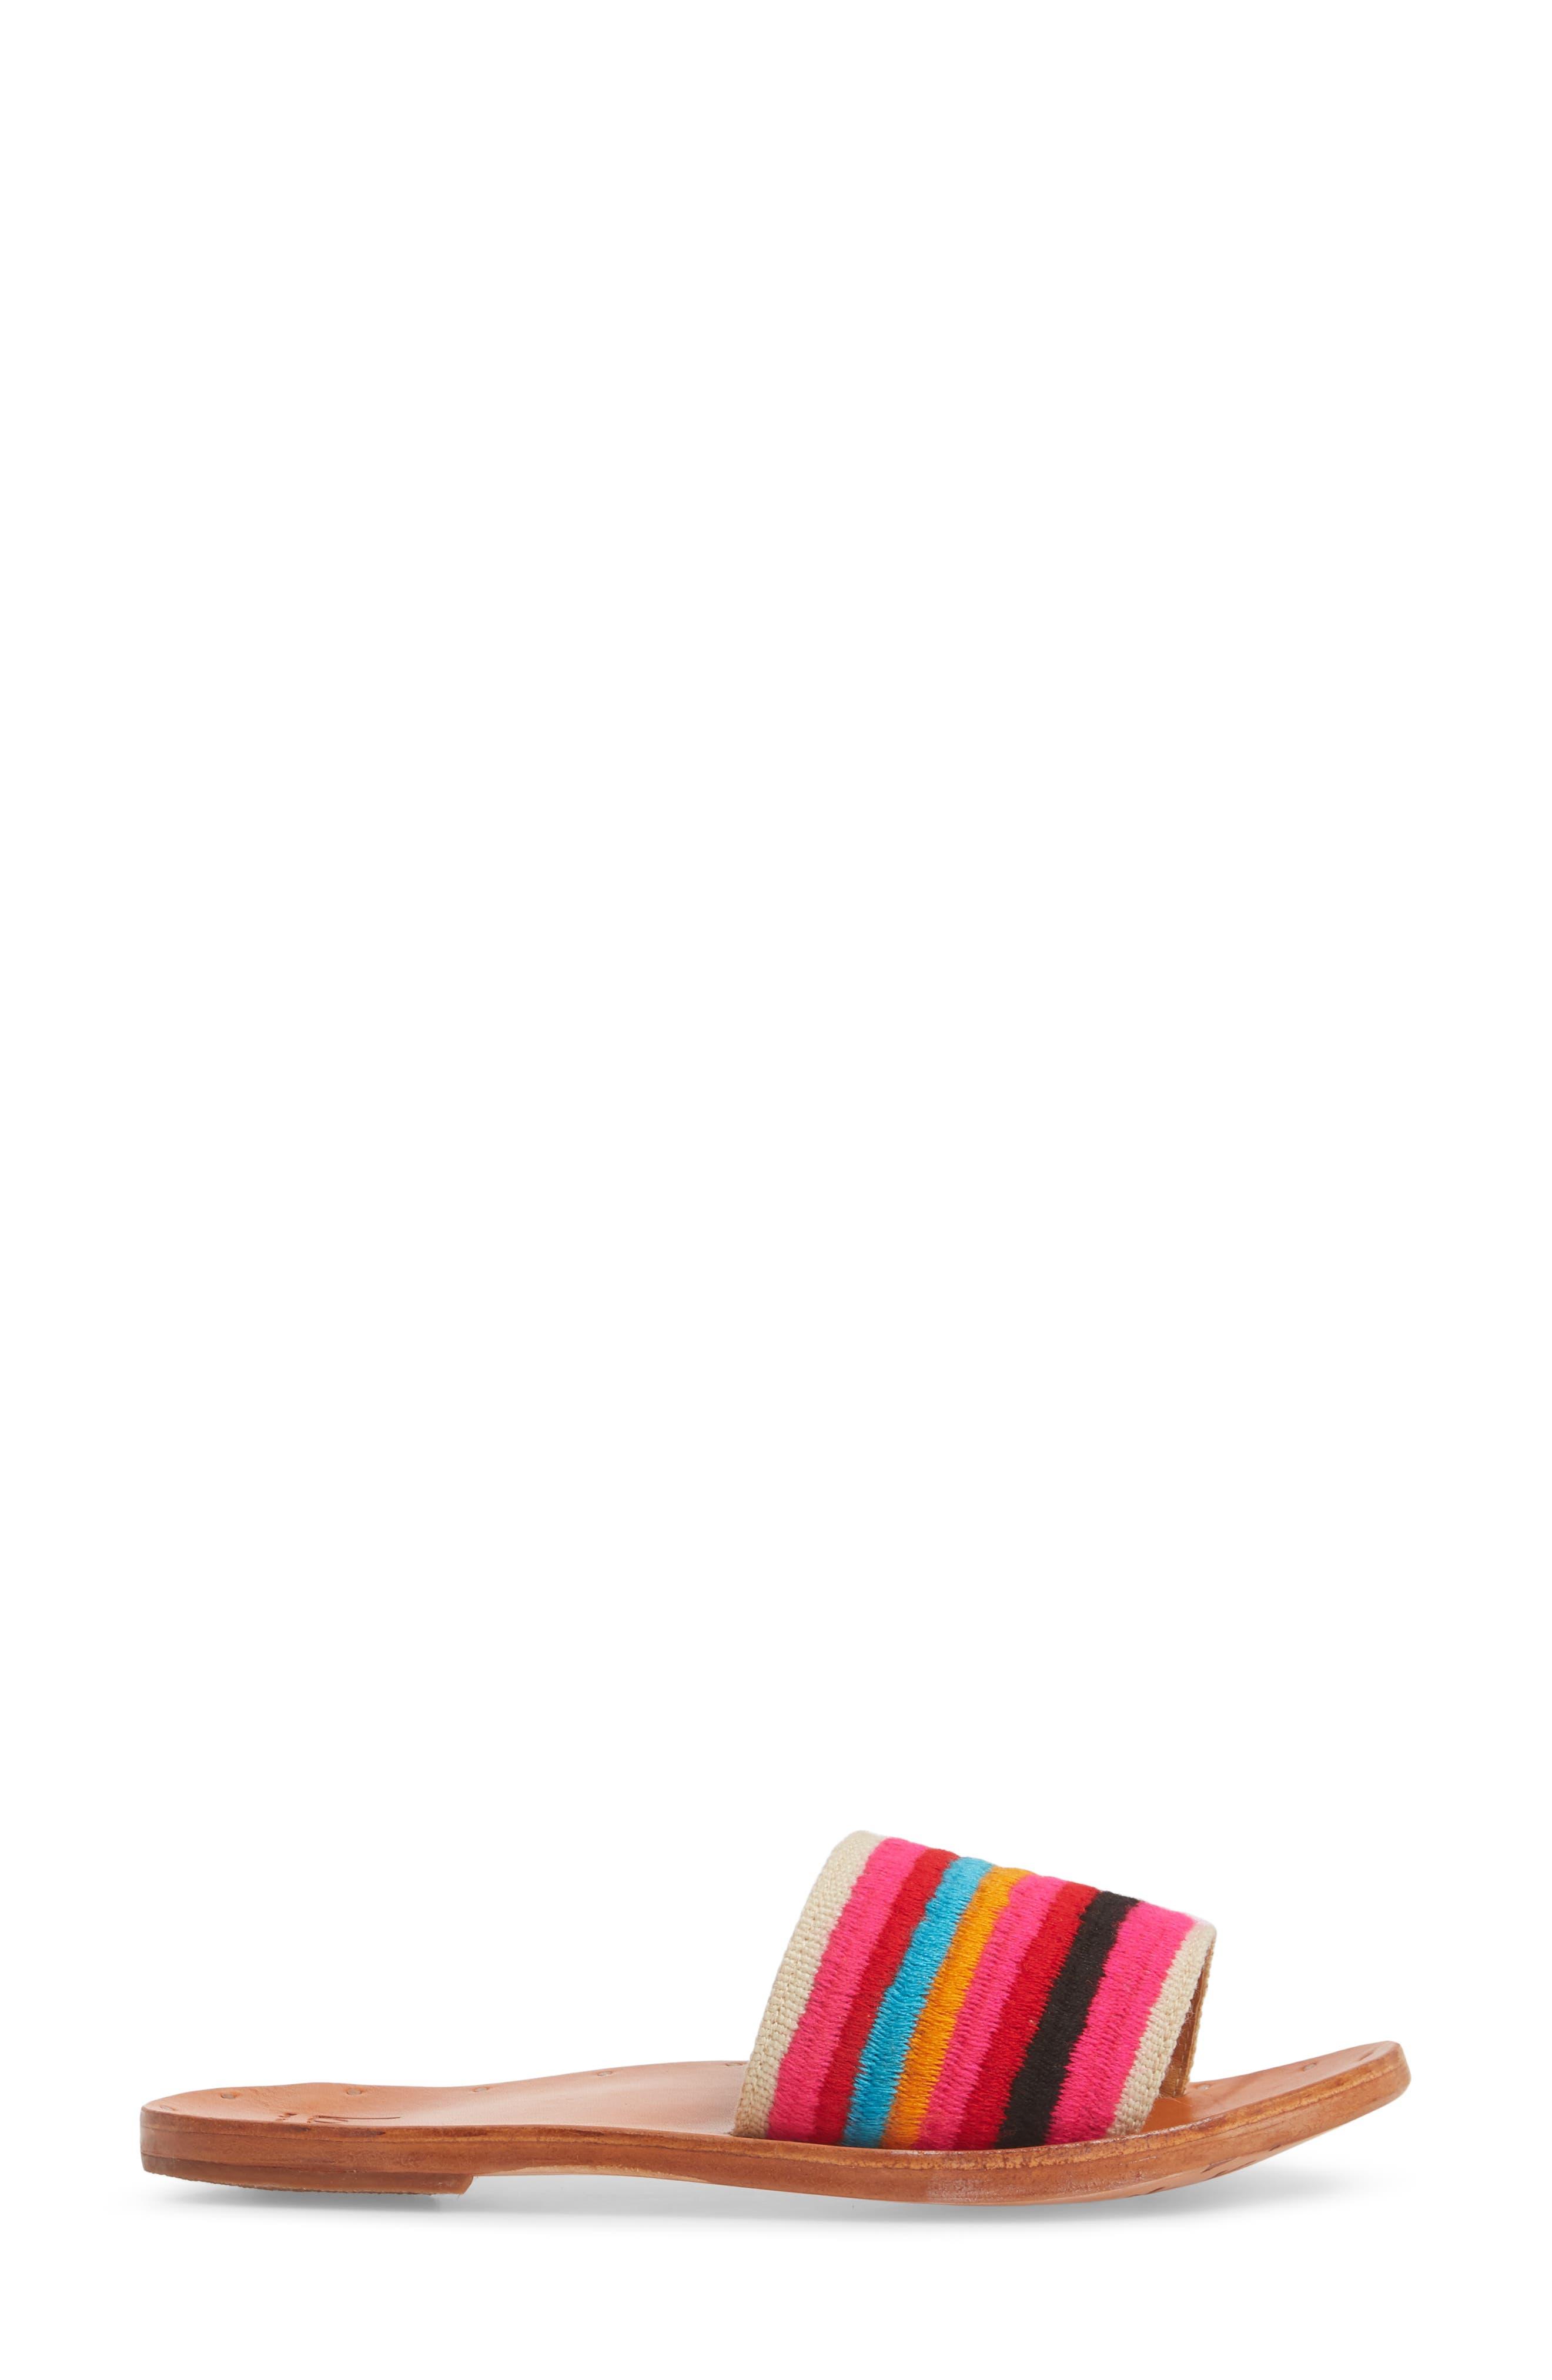 Lovebird Embroidered Slide Sandal,                             Alternate thumbnail 3, color,                             Multi/ Tan